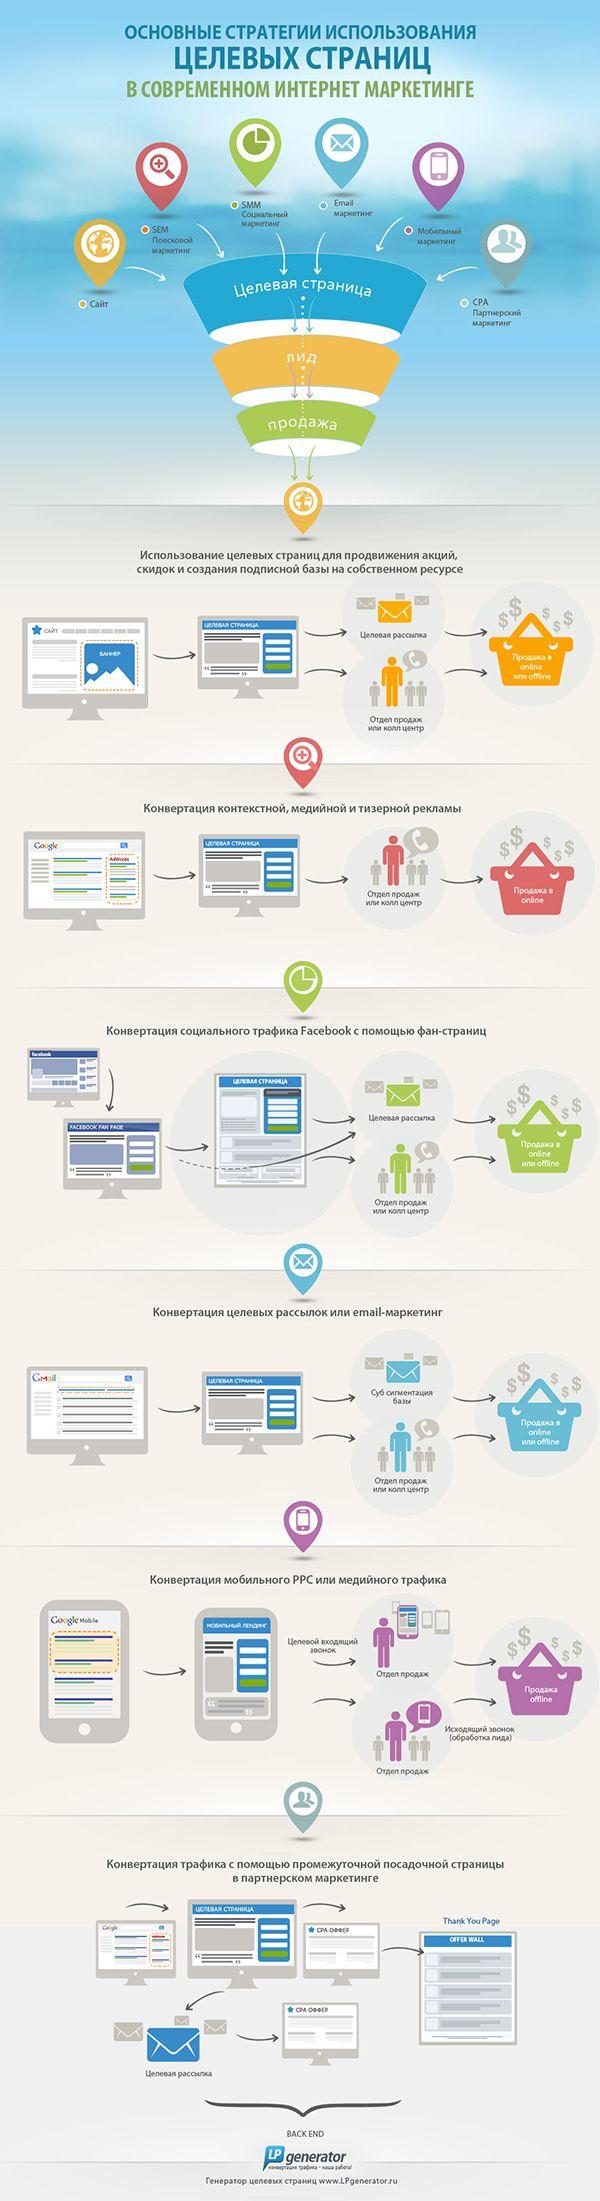 Основные стратегии использования целевых страниц в современном интернет-маркетинге.